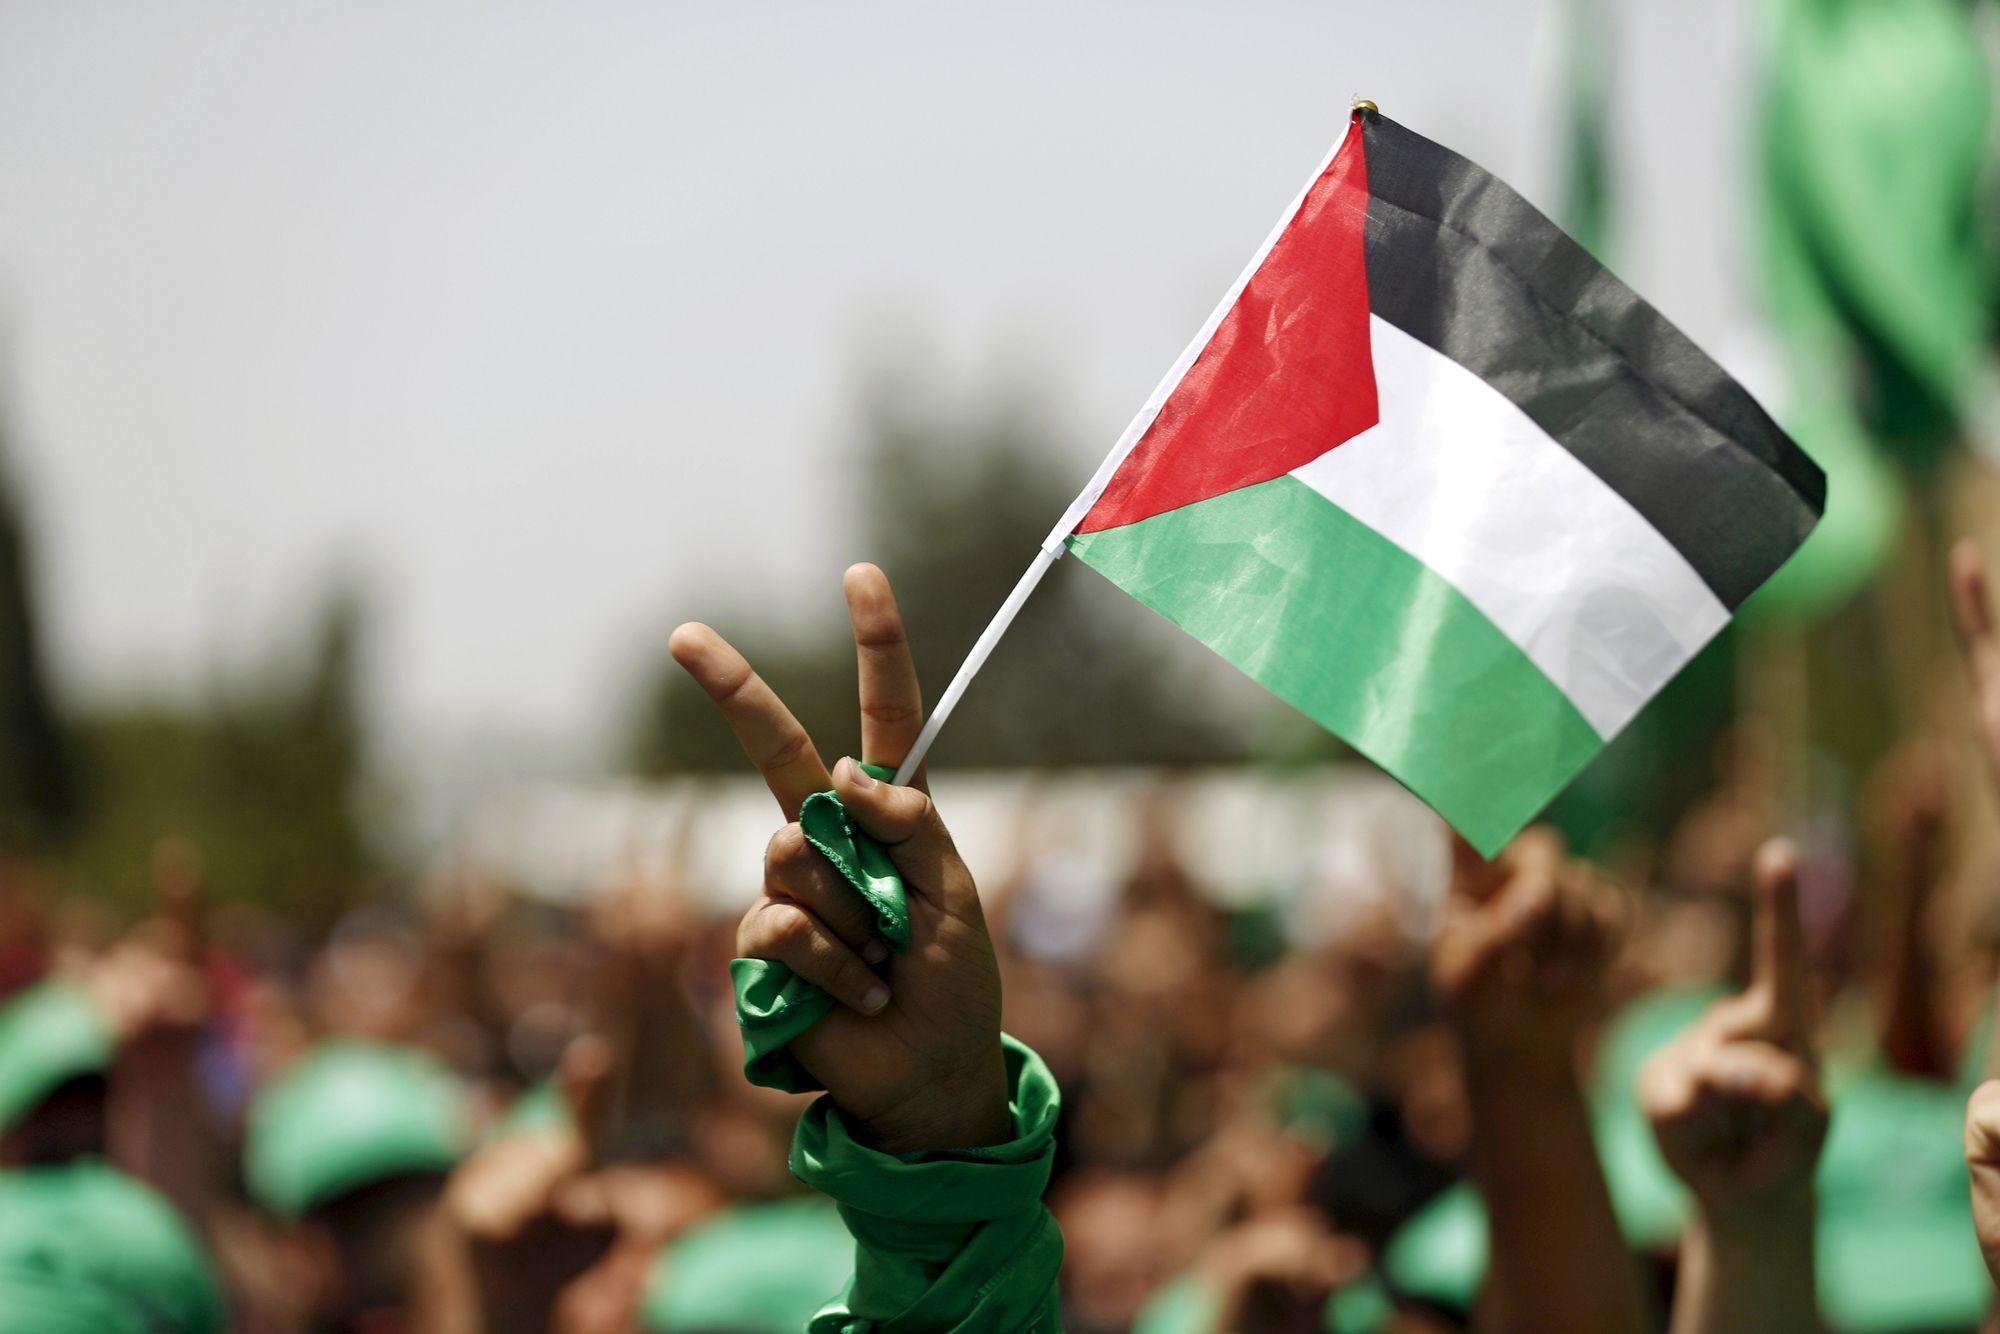 Des factions palestiniennes saluent la volonté de réconciliation du Hamas